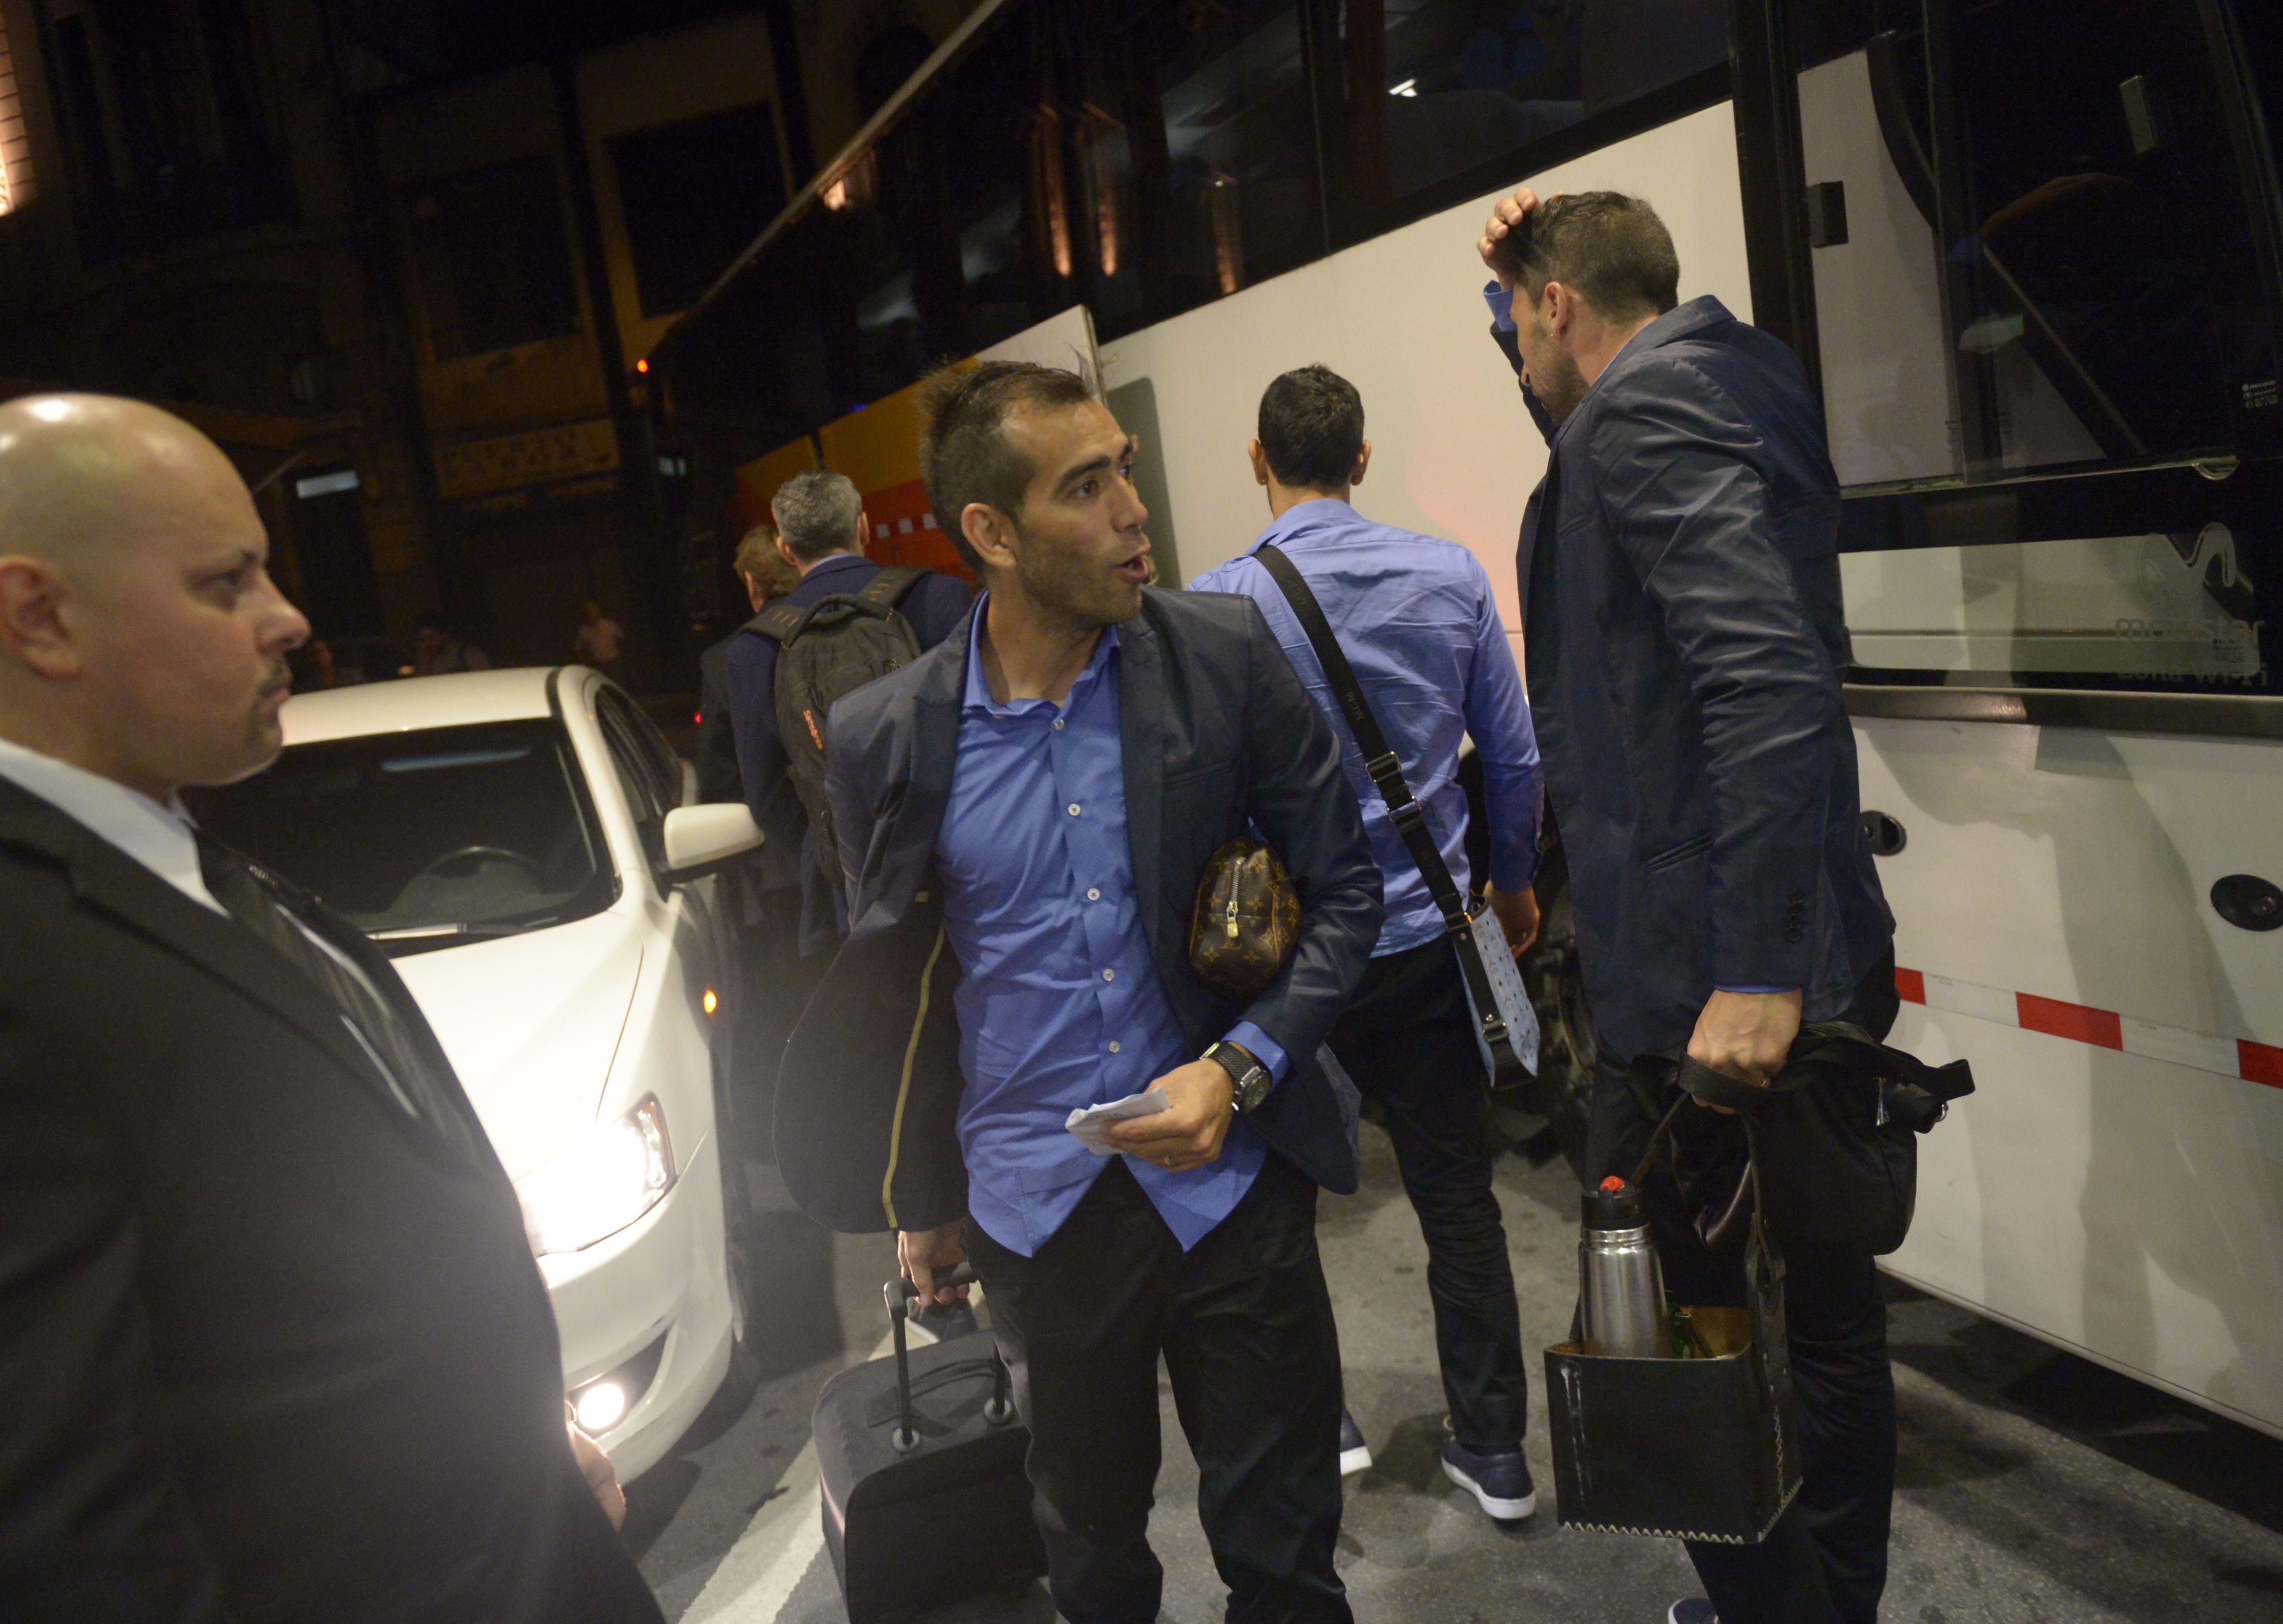 El Chelito Delgado en la llegada al hotel en Montevideo. (Fotos: Héctor Río)